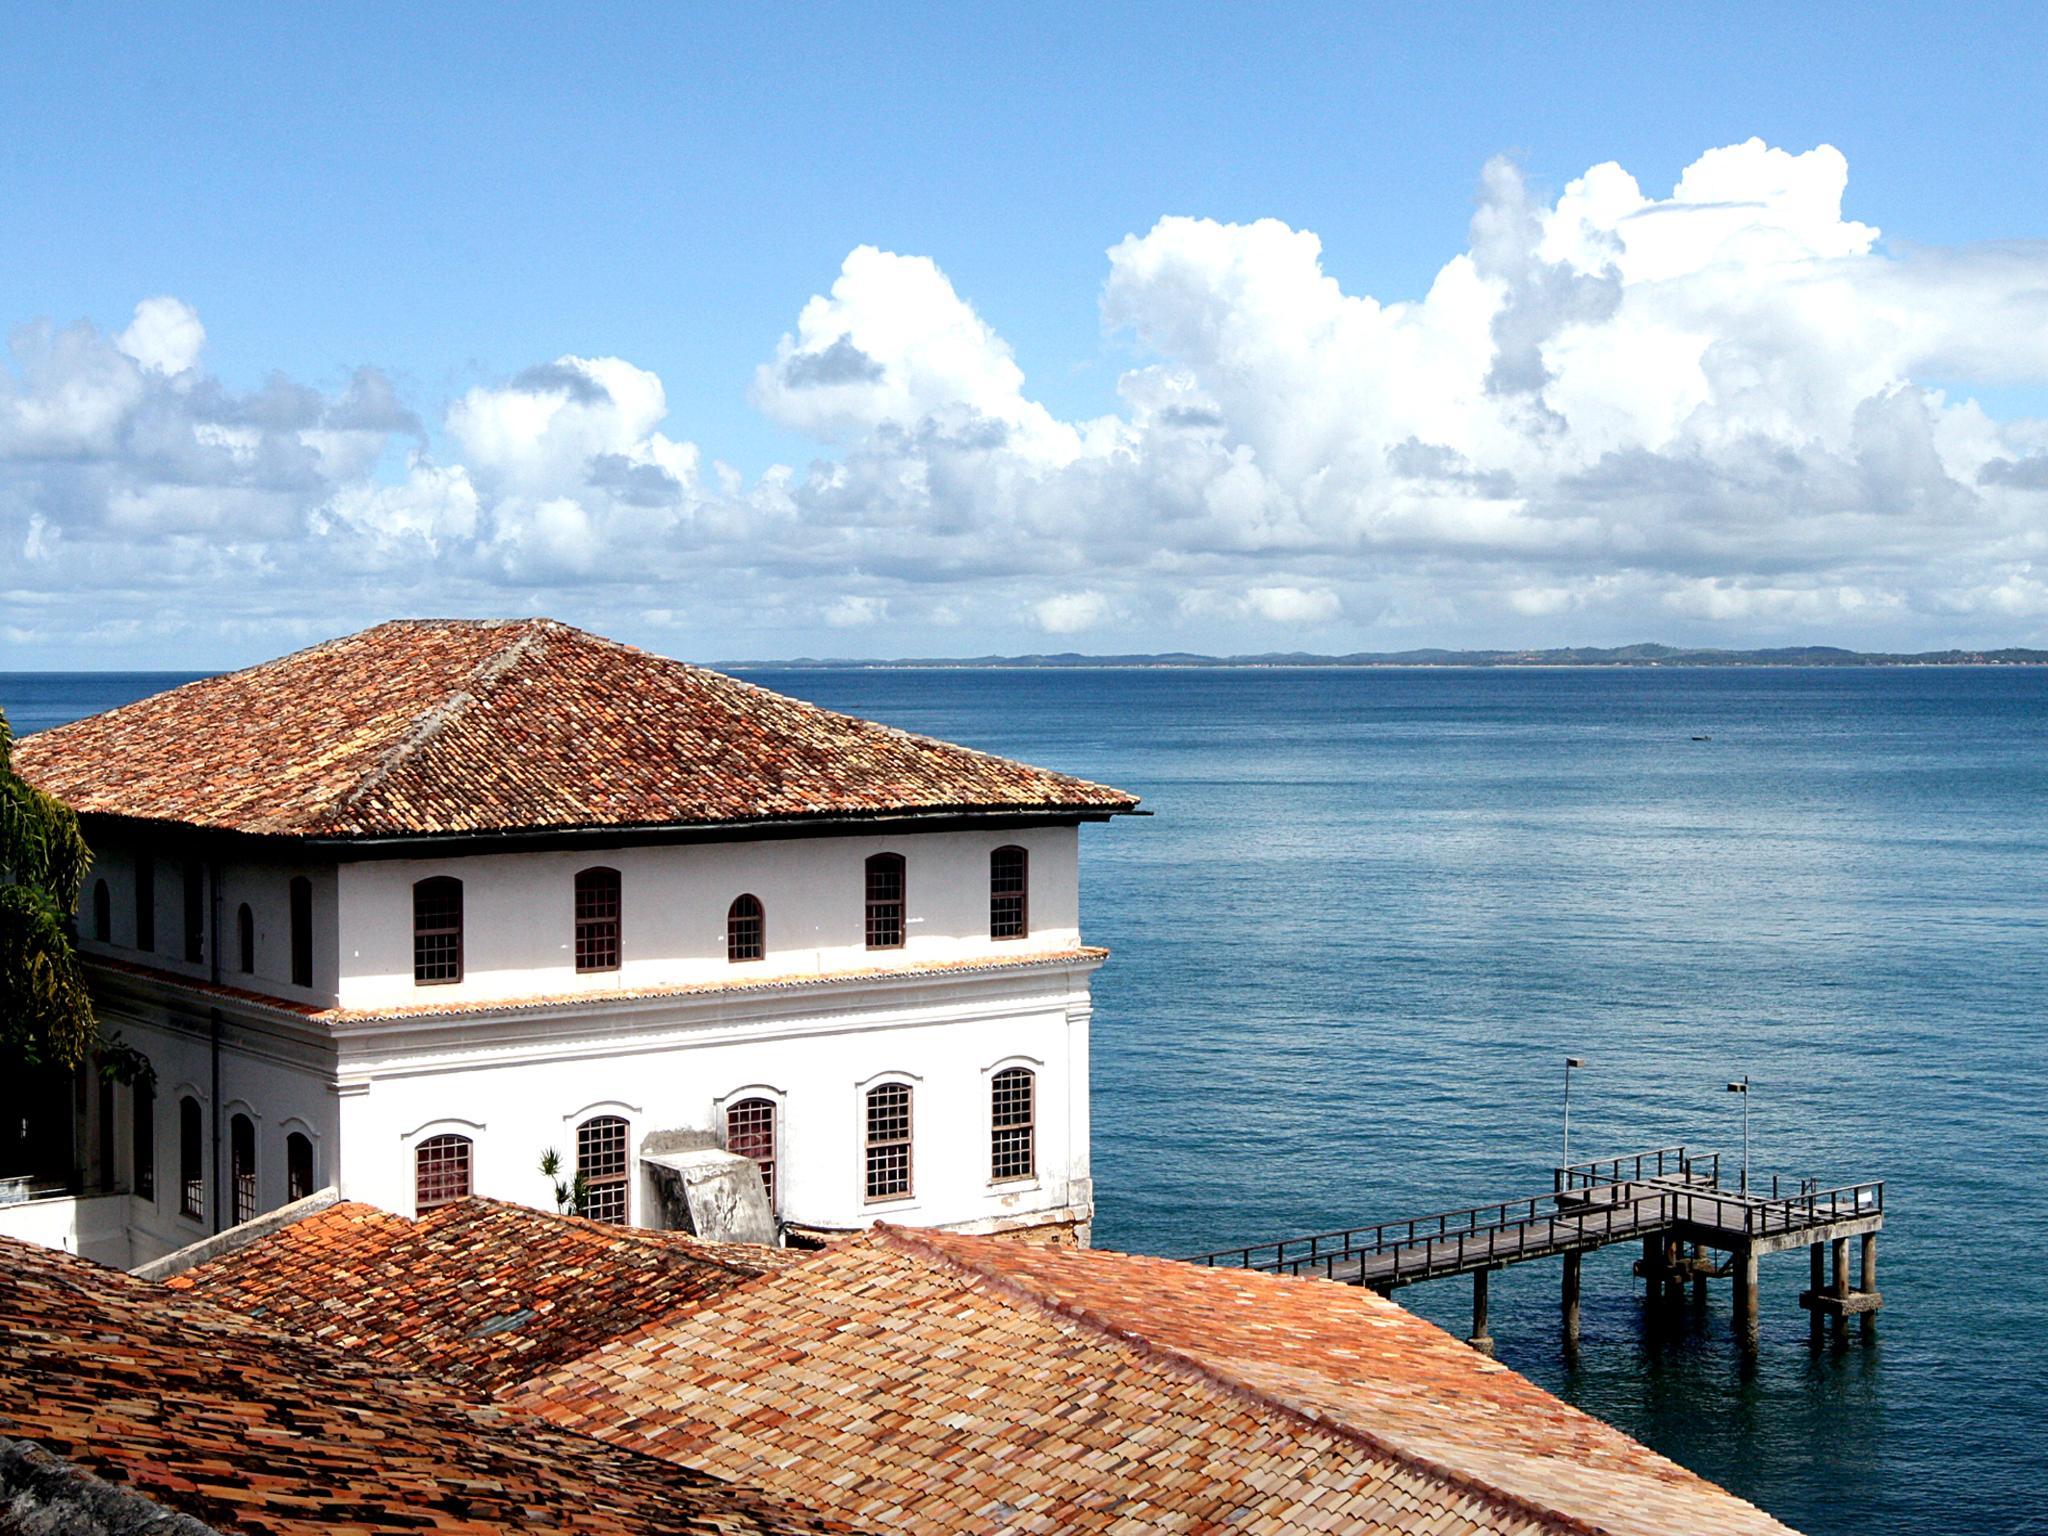 Museu de Arte Moderna Bahia